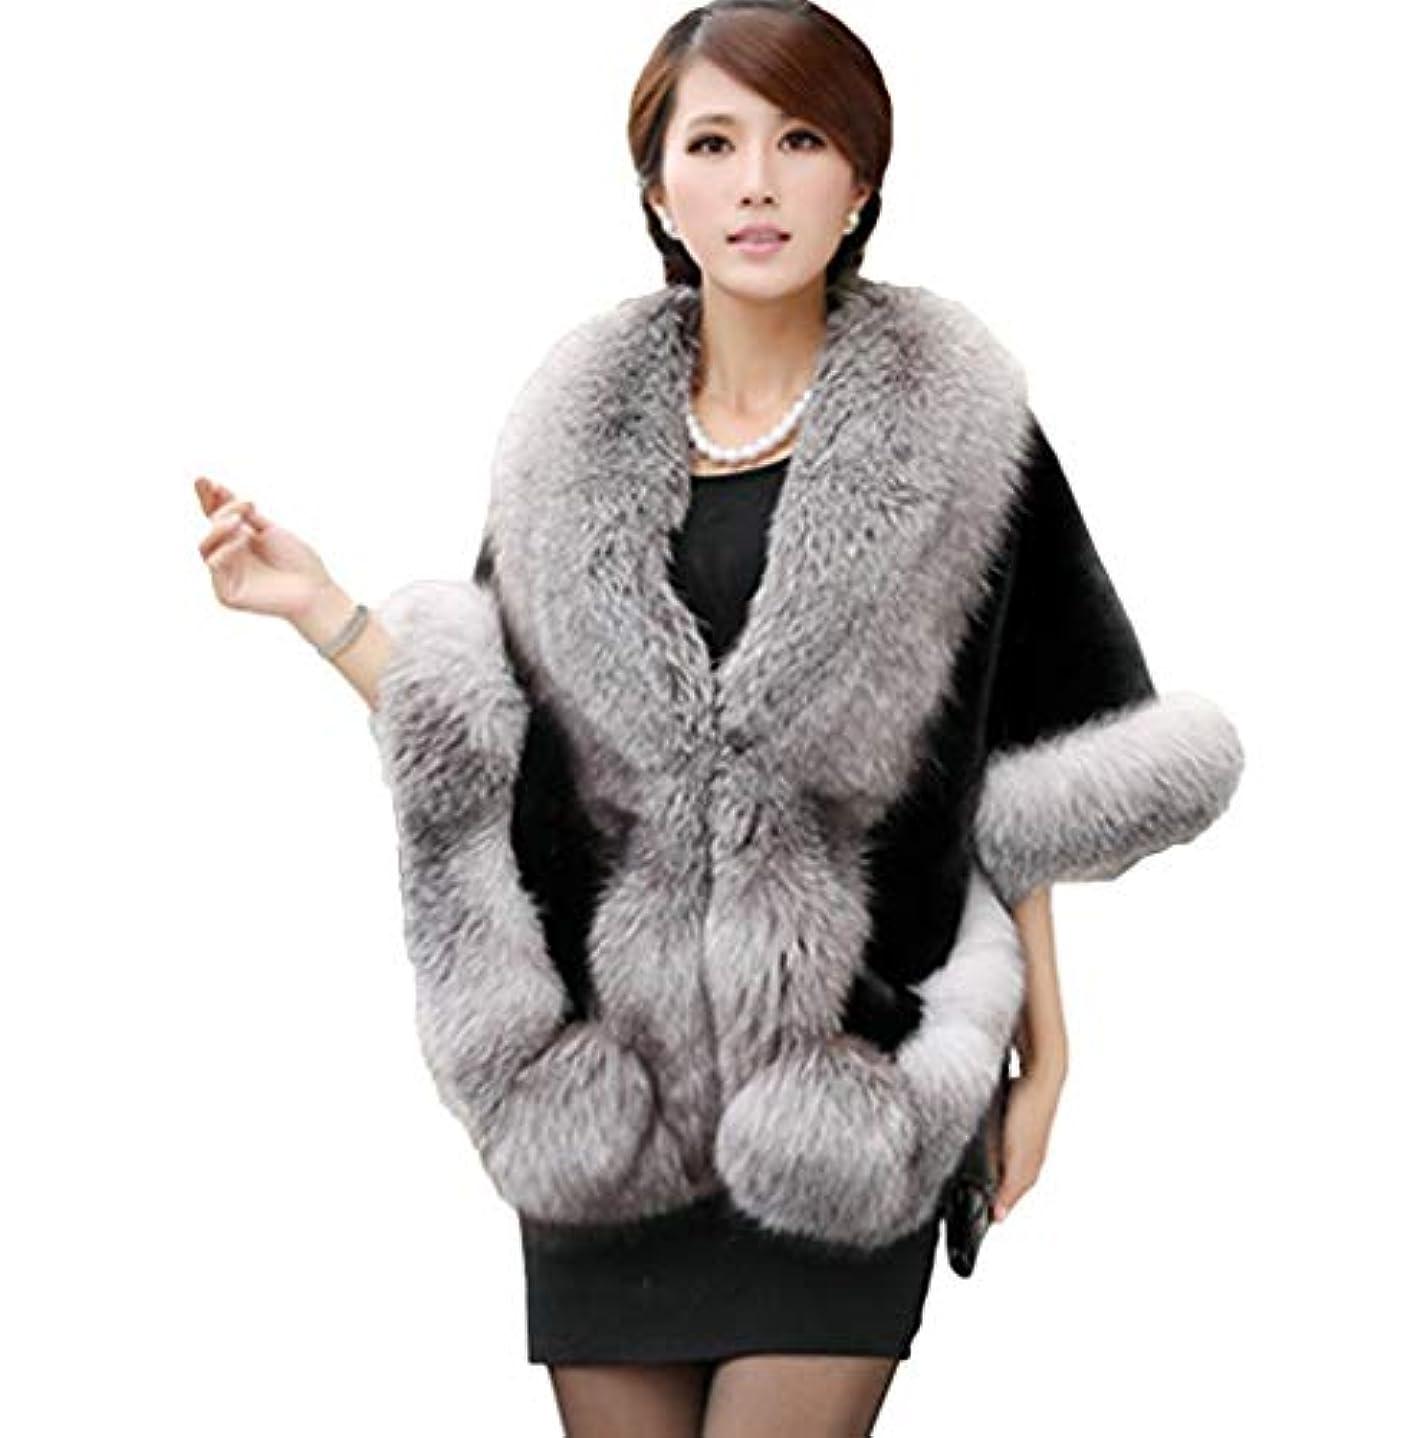 オーブンぺディカブ旋律的ZUOMAレディース スカーフ ショール ストール もふもふ ロング 毛皮コート